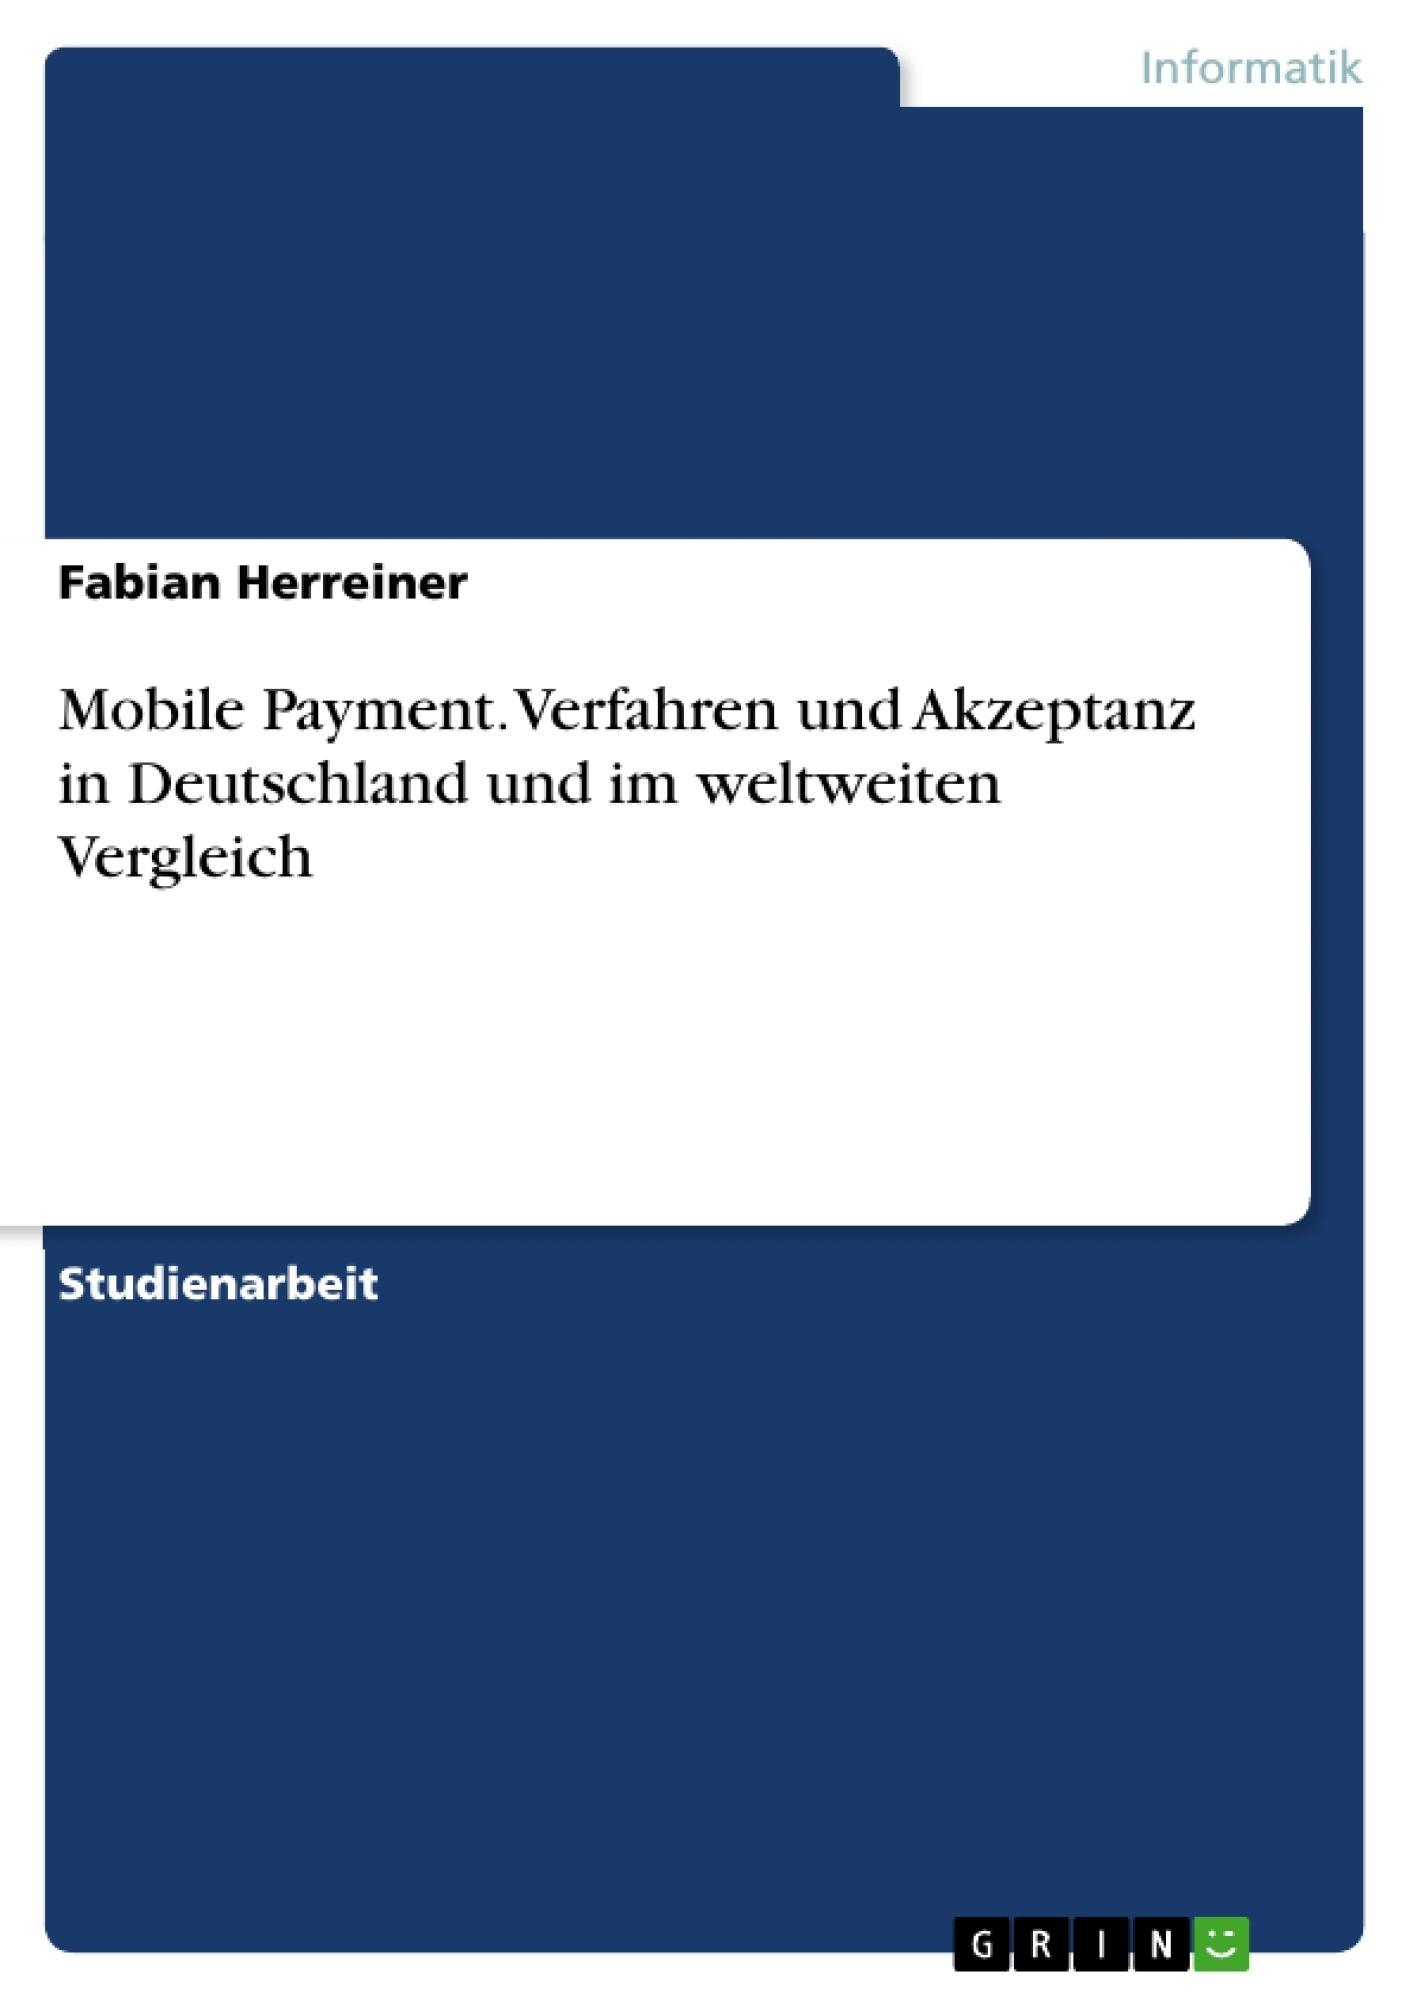 Titel: Mobile Payment. Verfahren und Akzeptanz in Deutschland und im weltweiten Vergleich